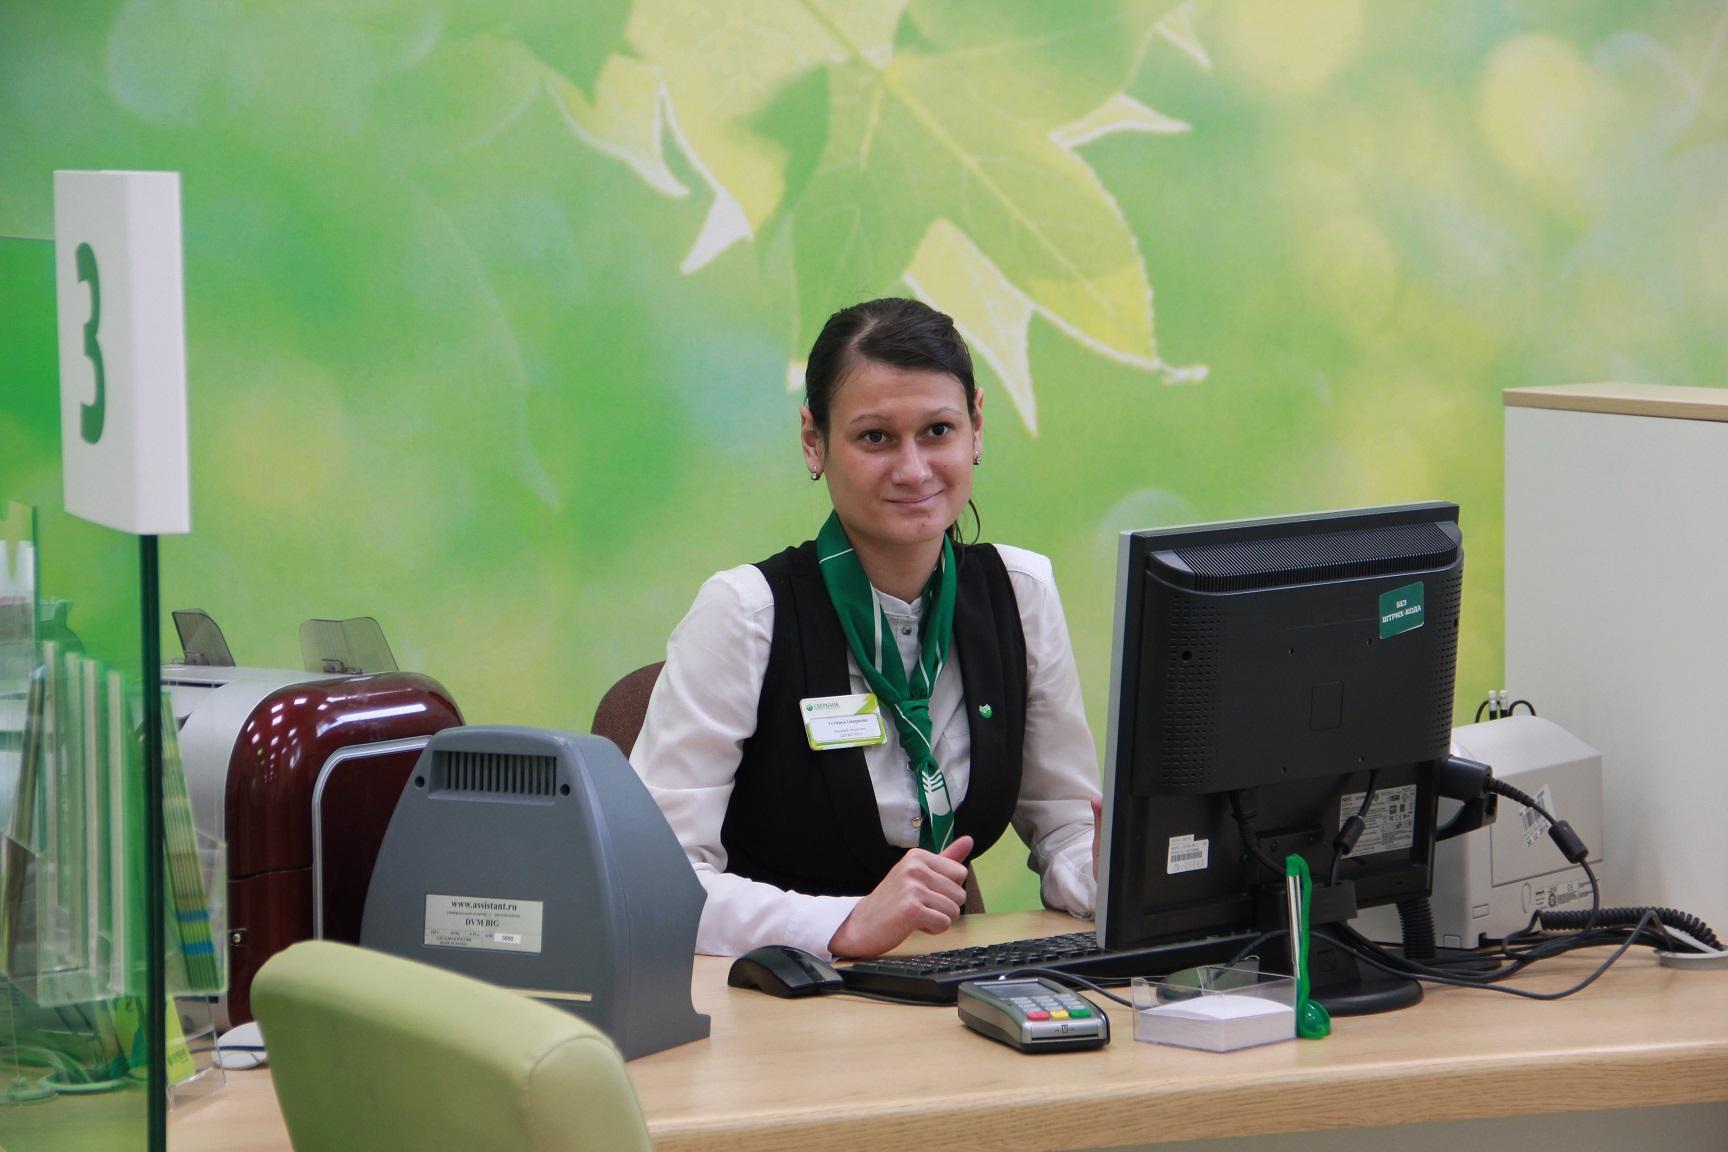 Работа в Сбербанке: вакансии, зарплата, условия, собеседование, отзывы